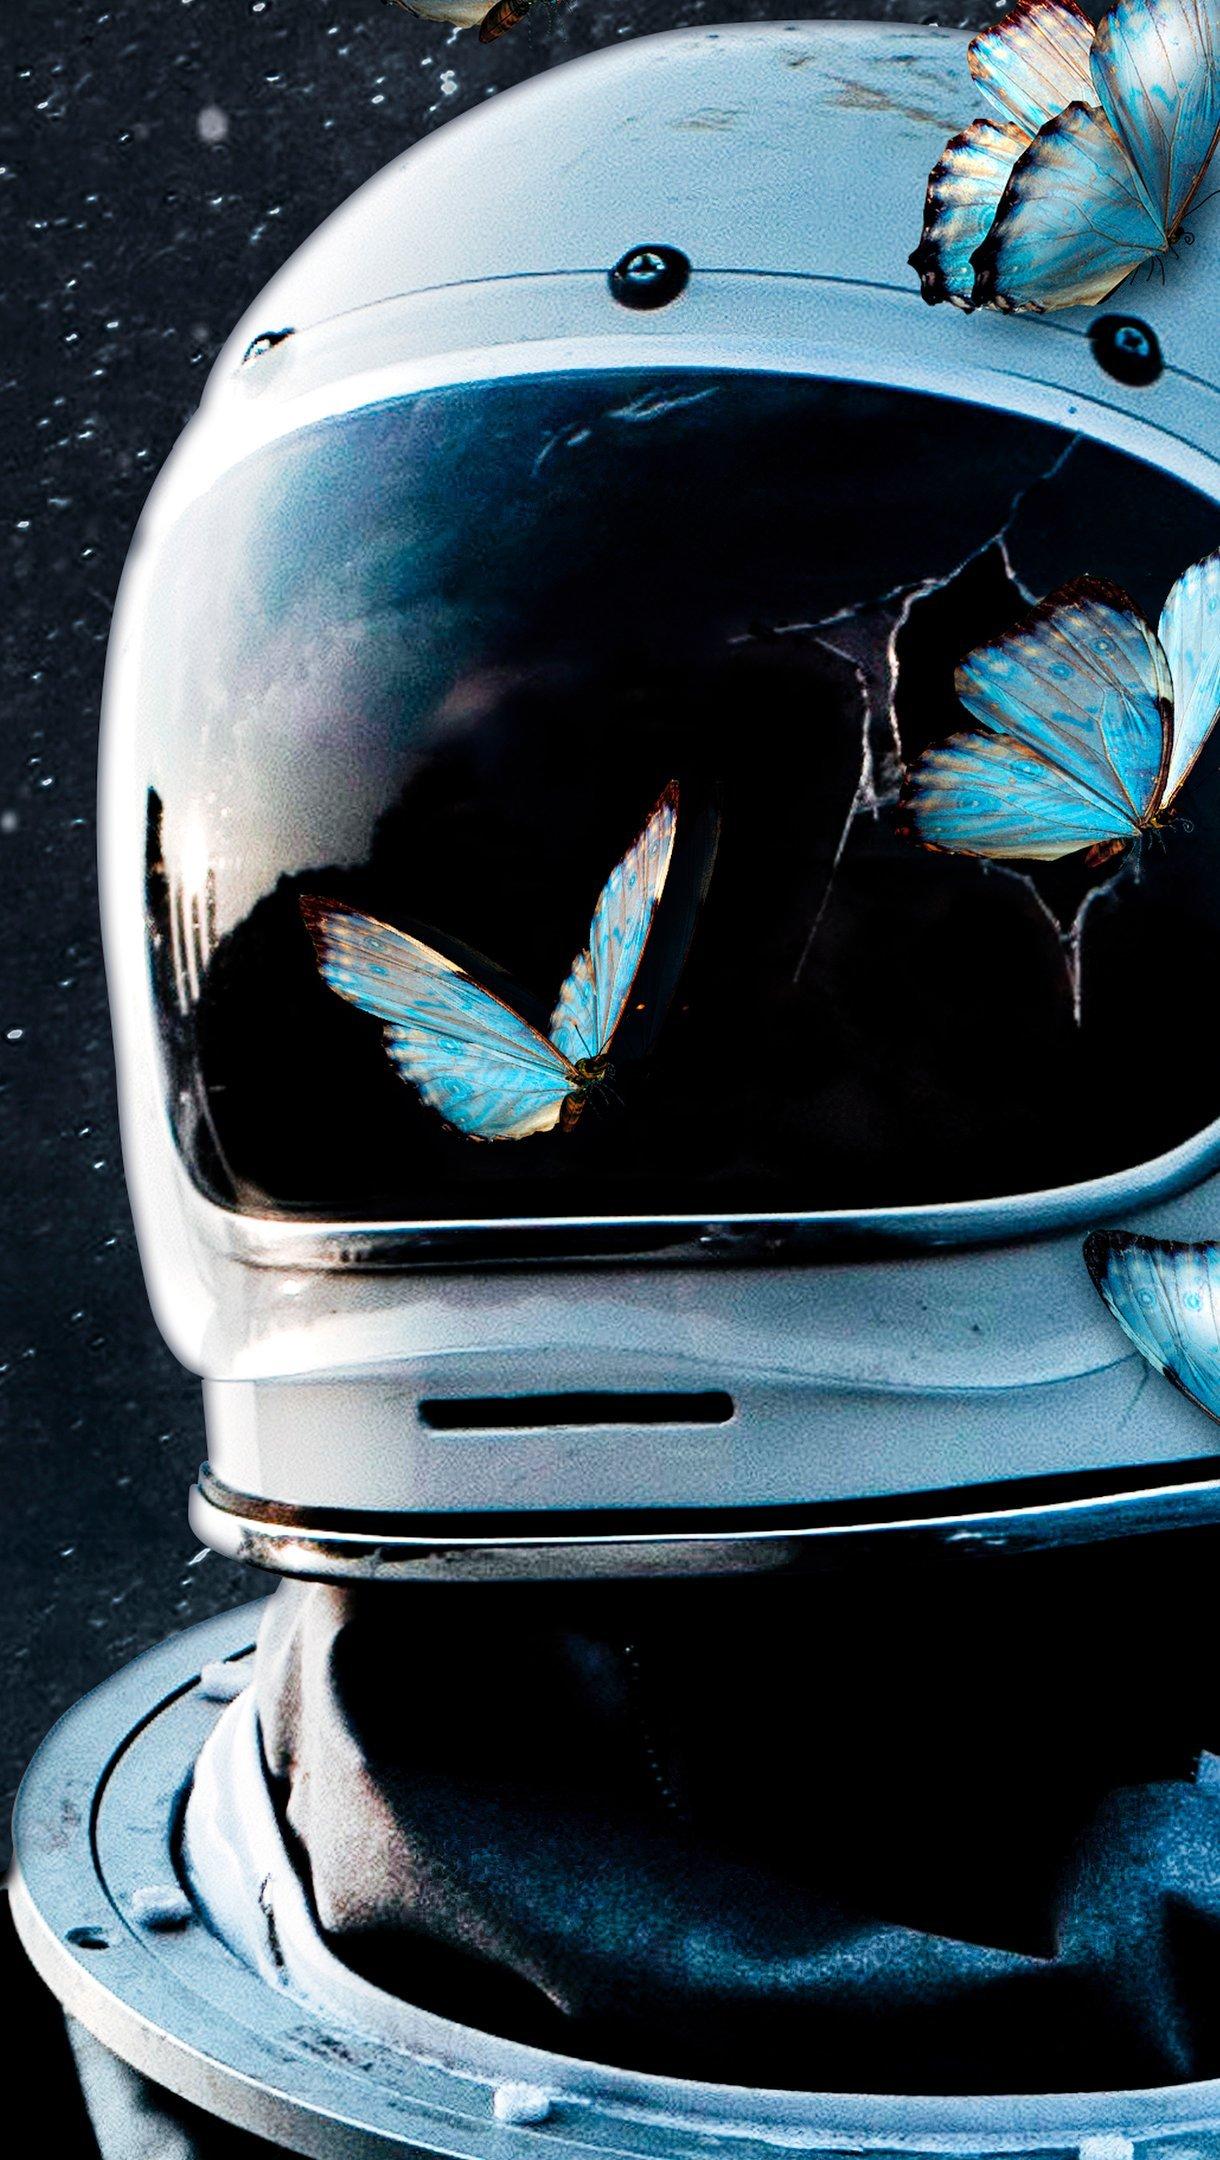 Wallpaper Astronaut with butterflies Vertical